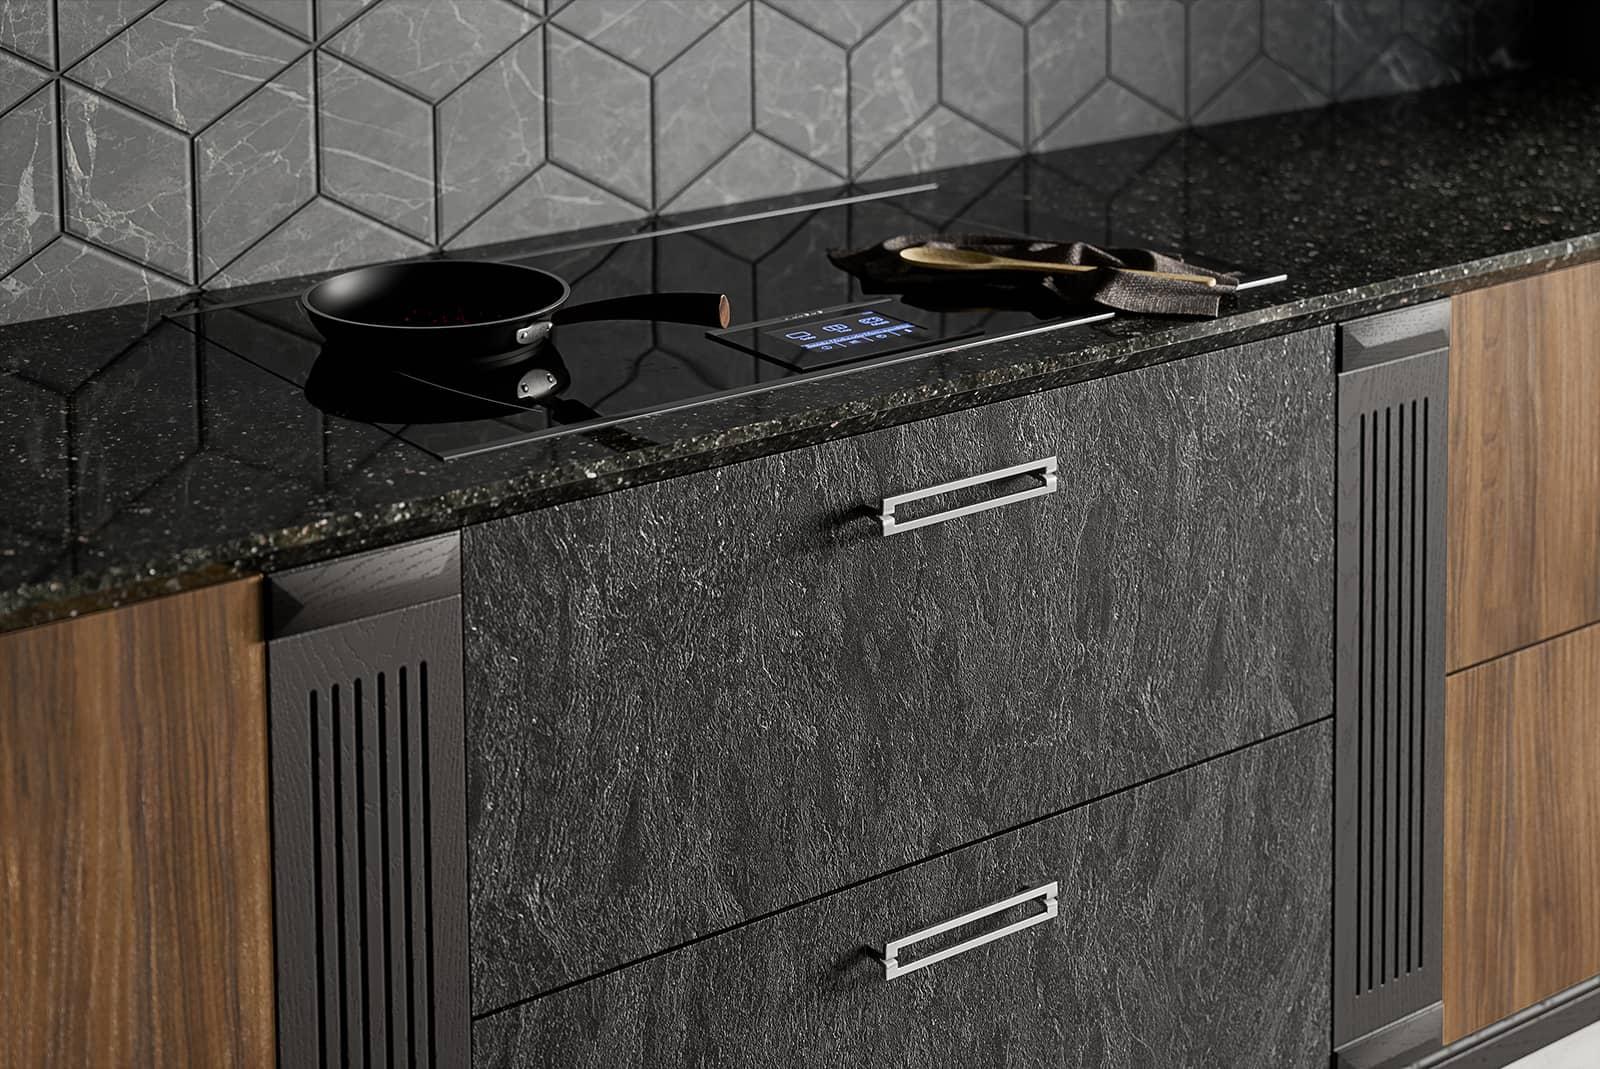 luxus küche küchen möbel marmor arbeitsplatte küche